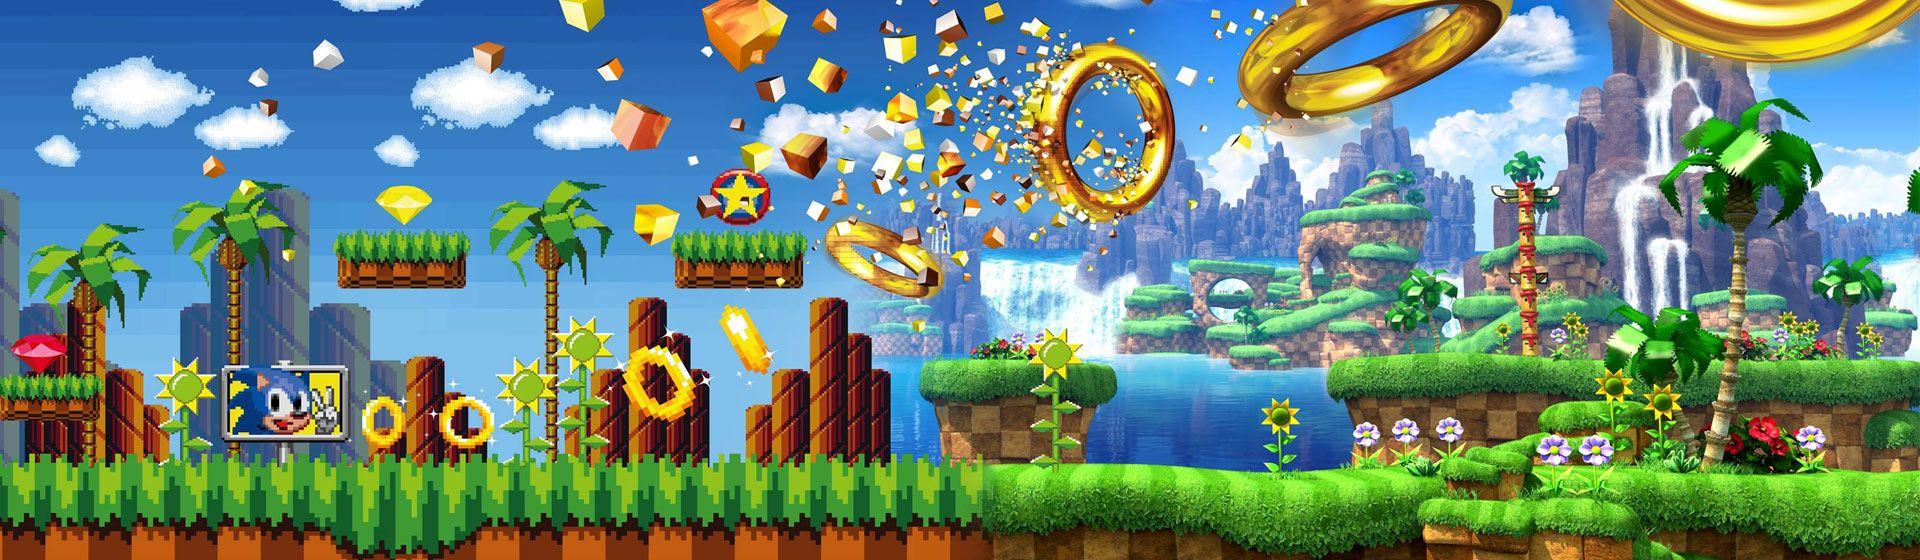 Jogo do Sonic: conheça a história do personagem e veja top 10 de games